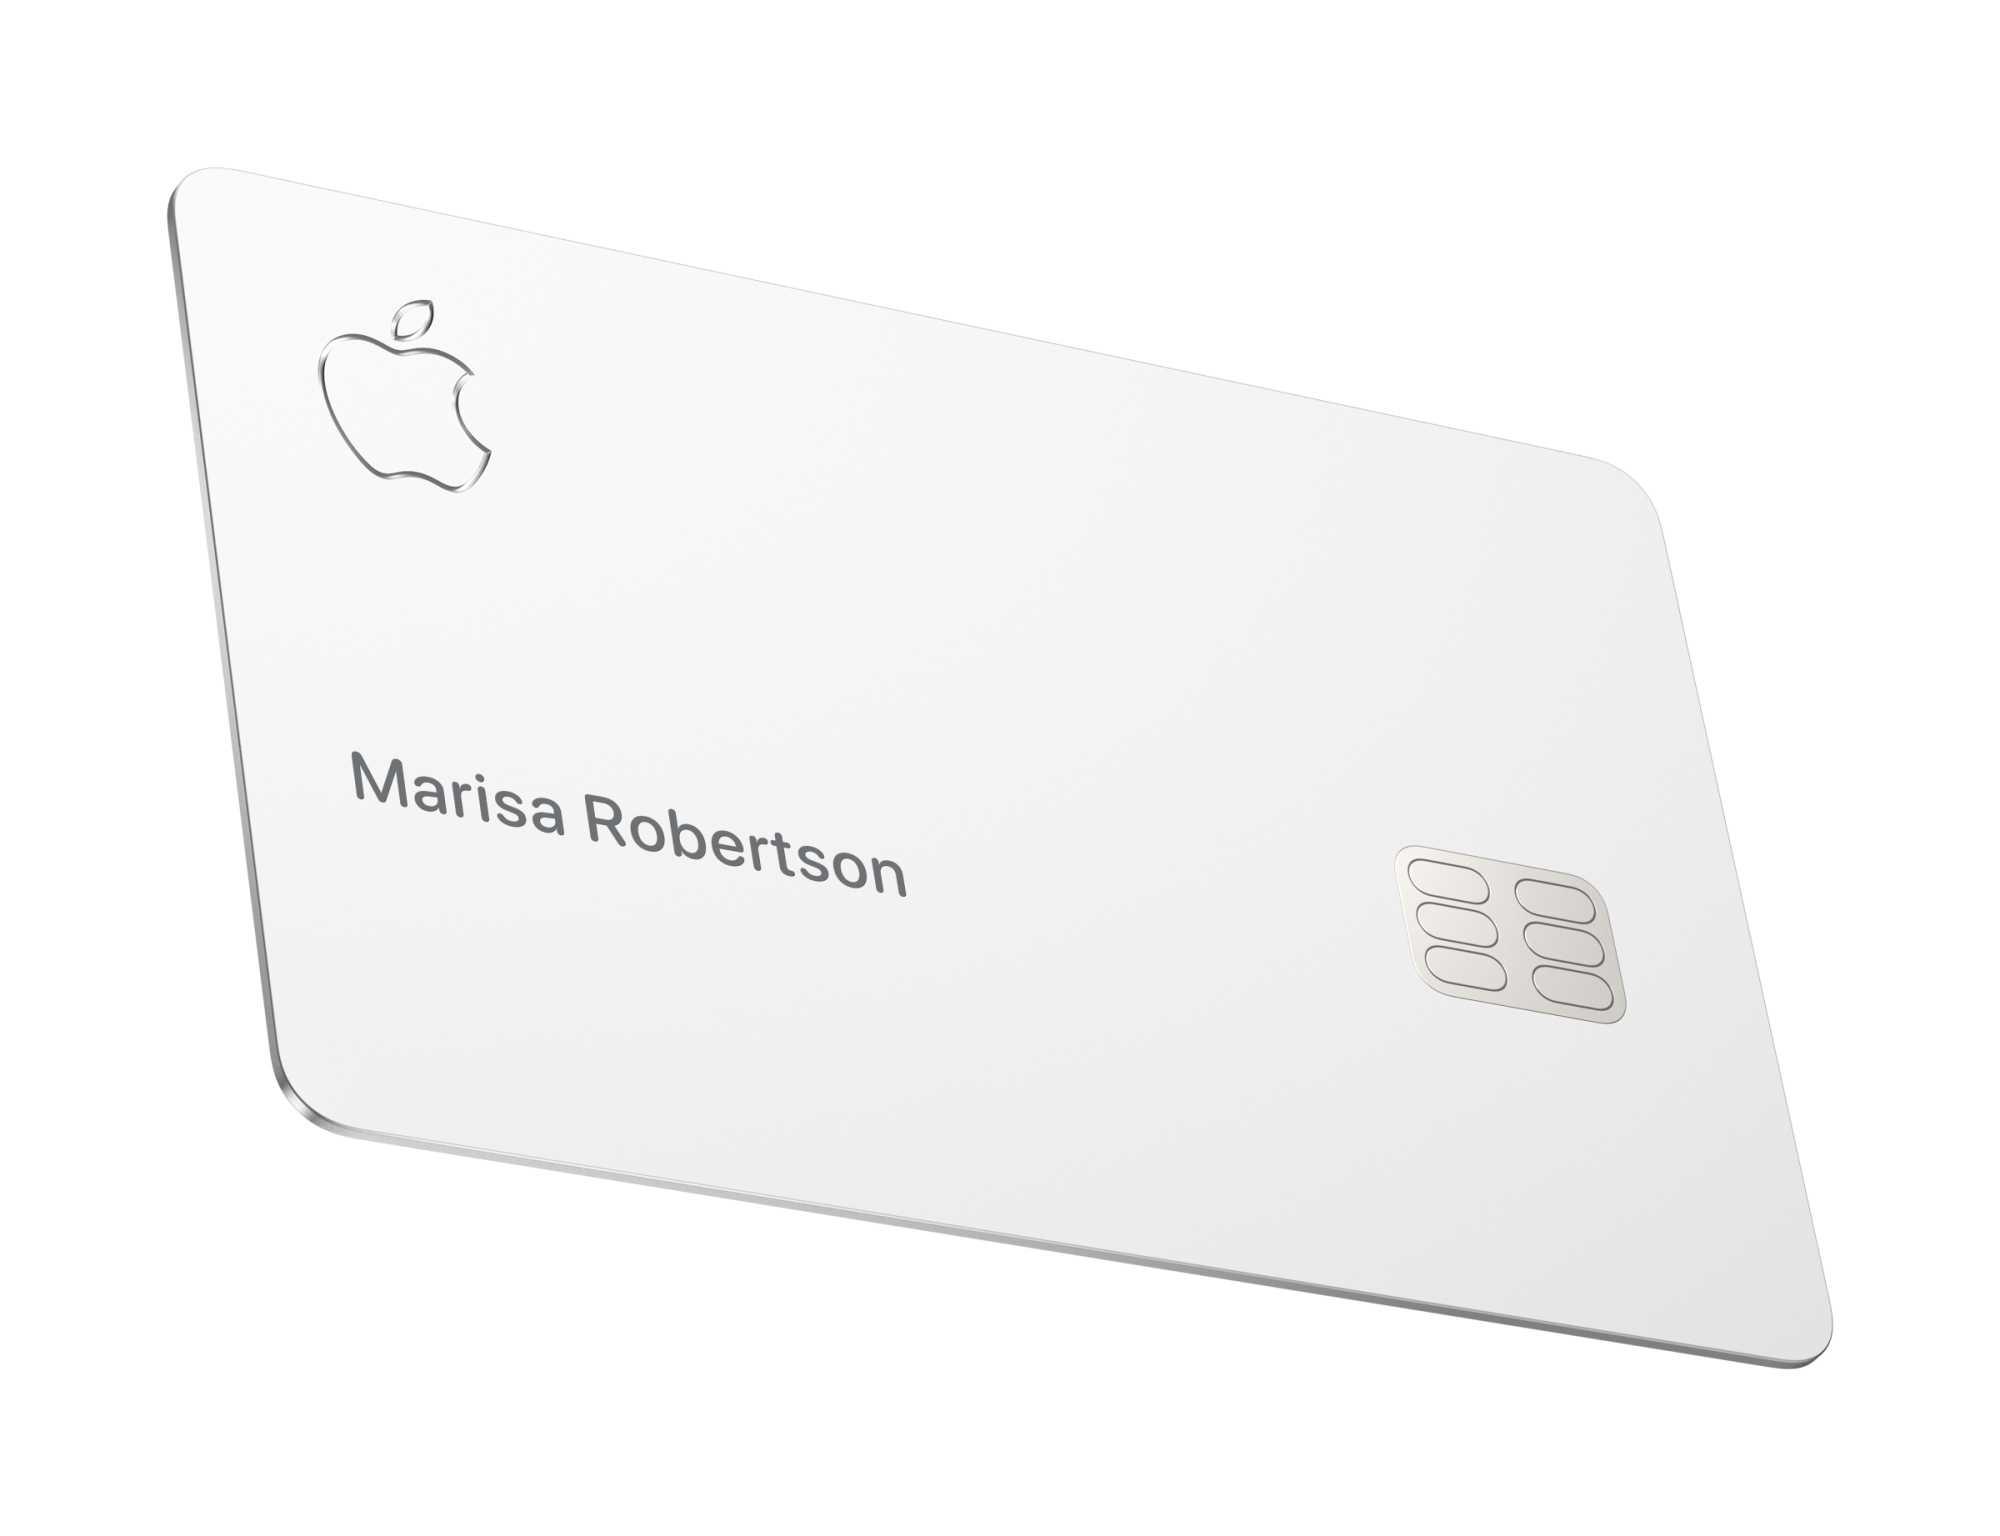 Die physische Apple-Kreditkarte kommt ohne typische Merkmale wie eine aufgedruckte Kreditkartennummer aus.